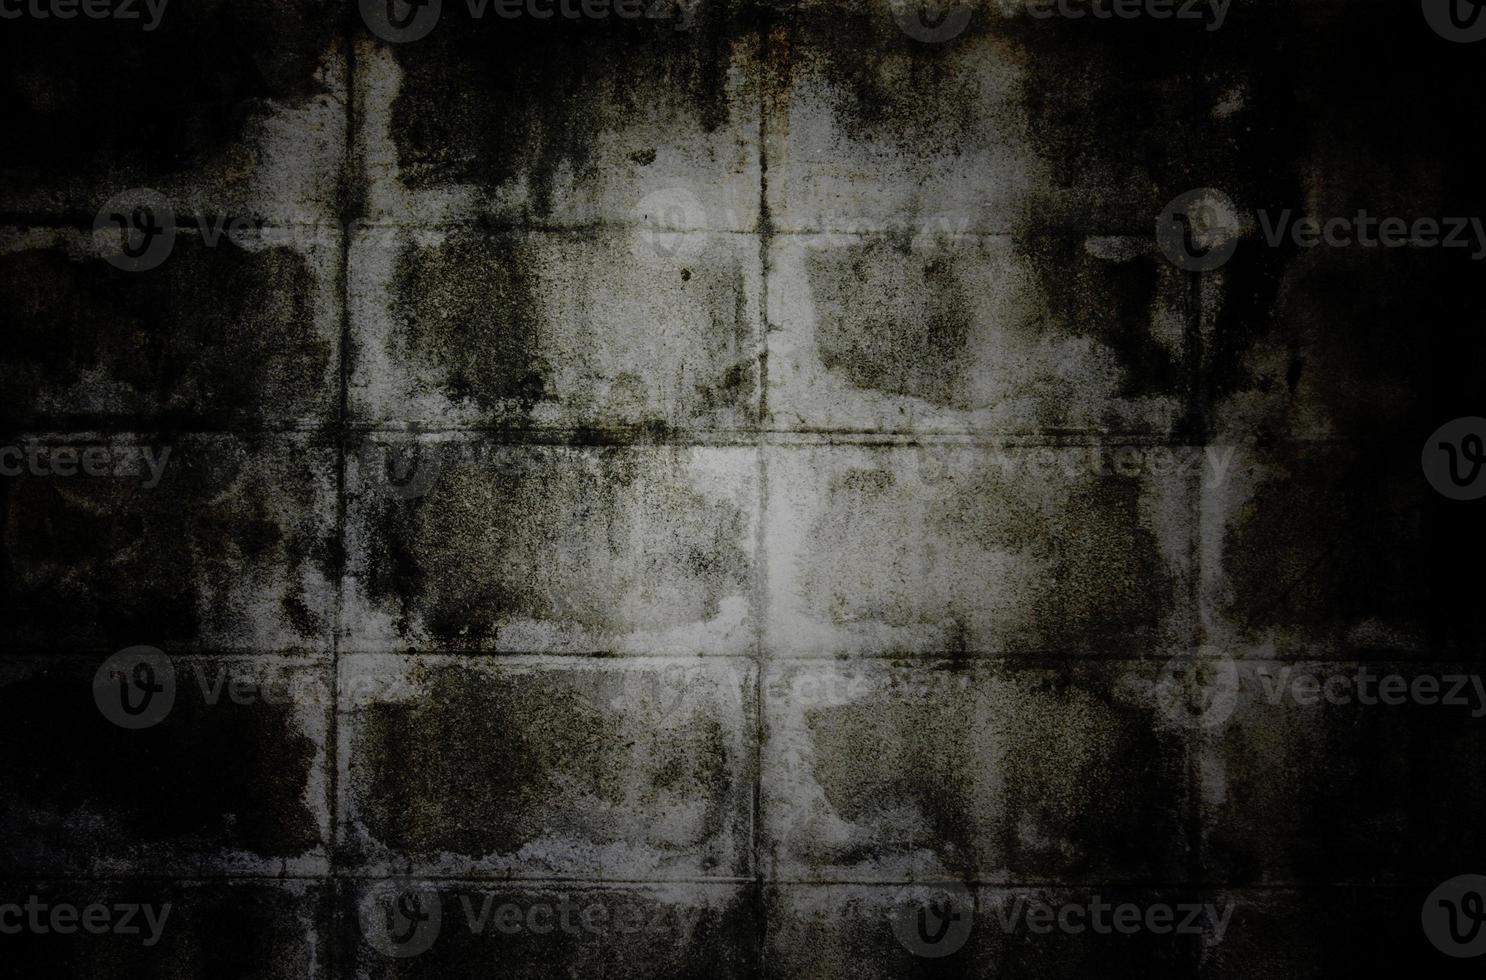 oude grunge muur textuur met vignet foto